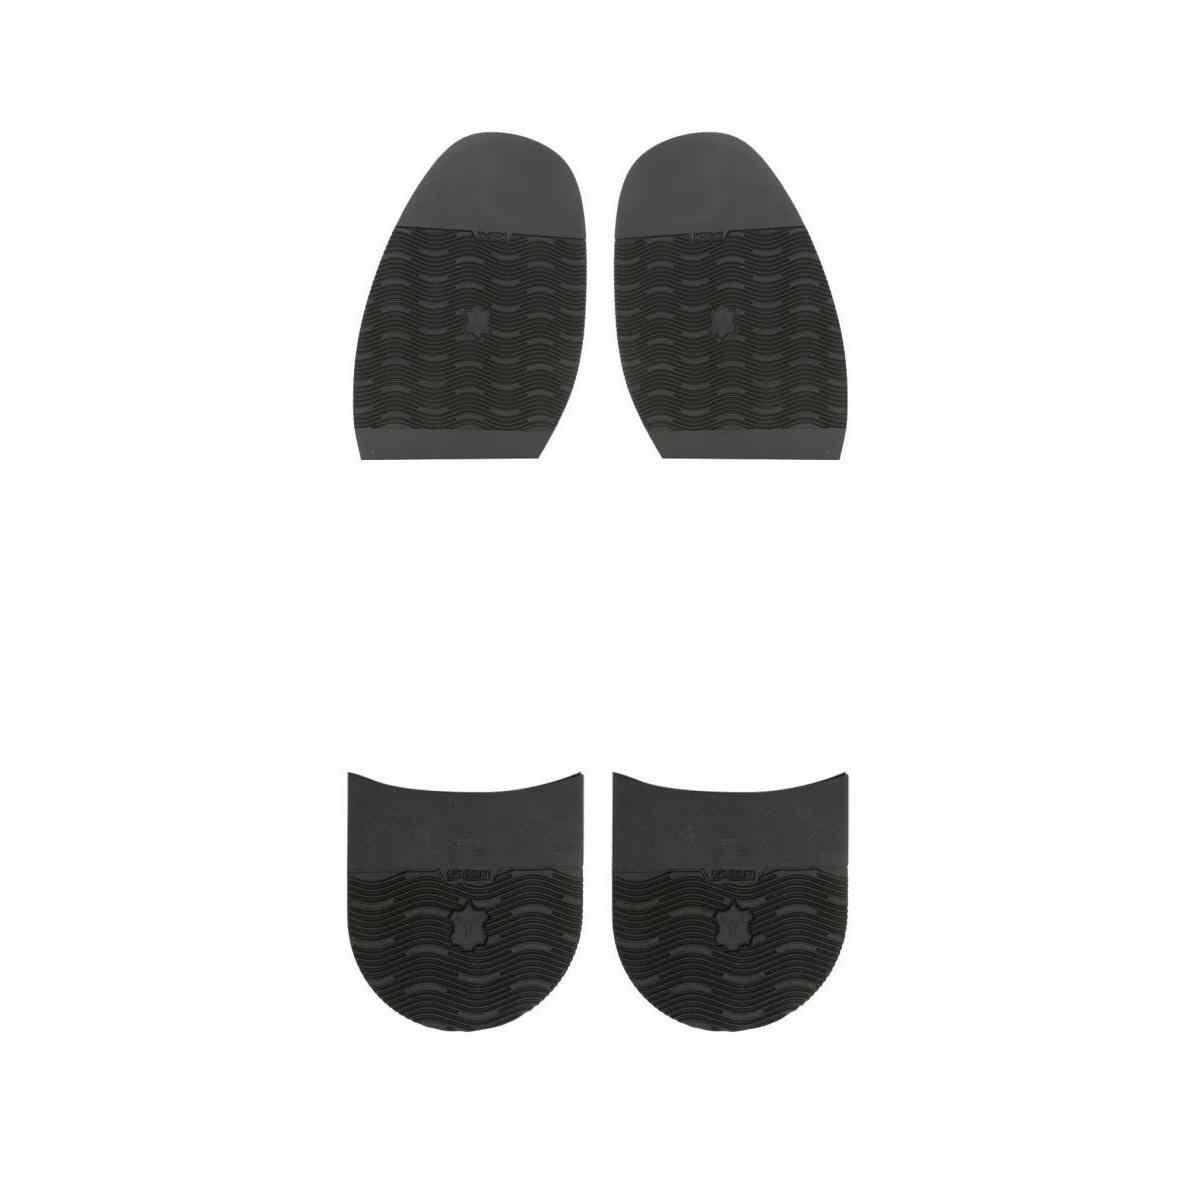 4 paket erkek ayakkabıları tamir kauçuk tabanı üzerinde sopa yarım Anti kayma siyah kalınlaşmak kauçuk taban topuk yumuşak tamir